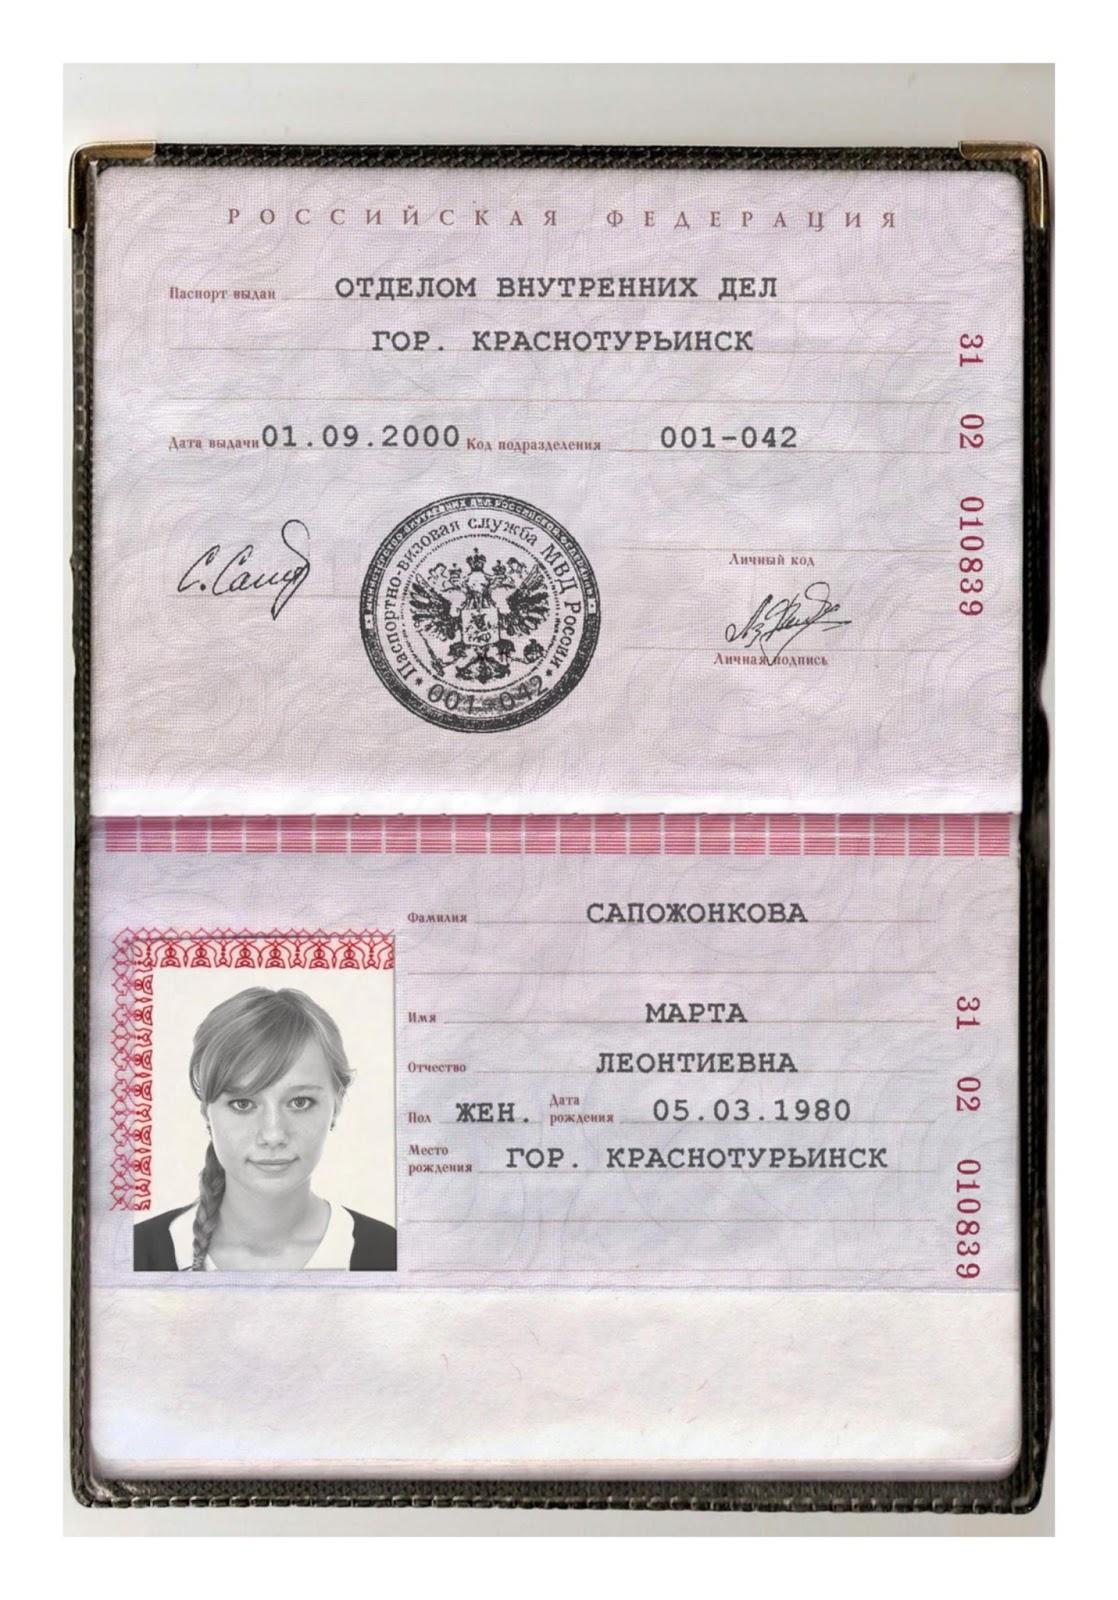 фото с паспорта с пропиской фото